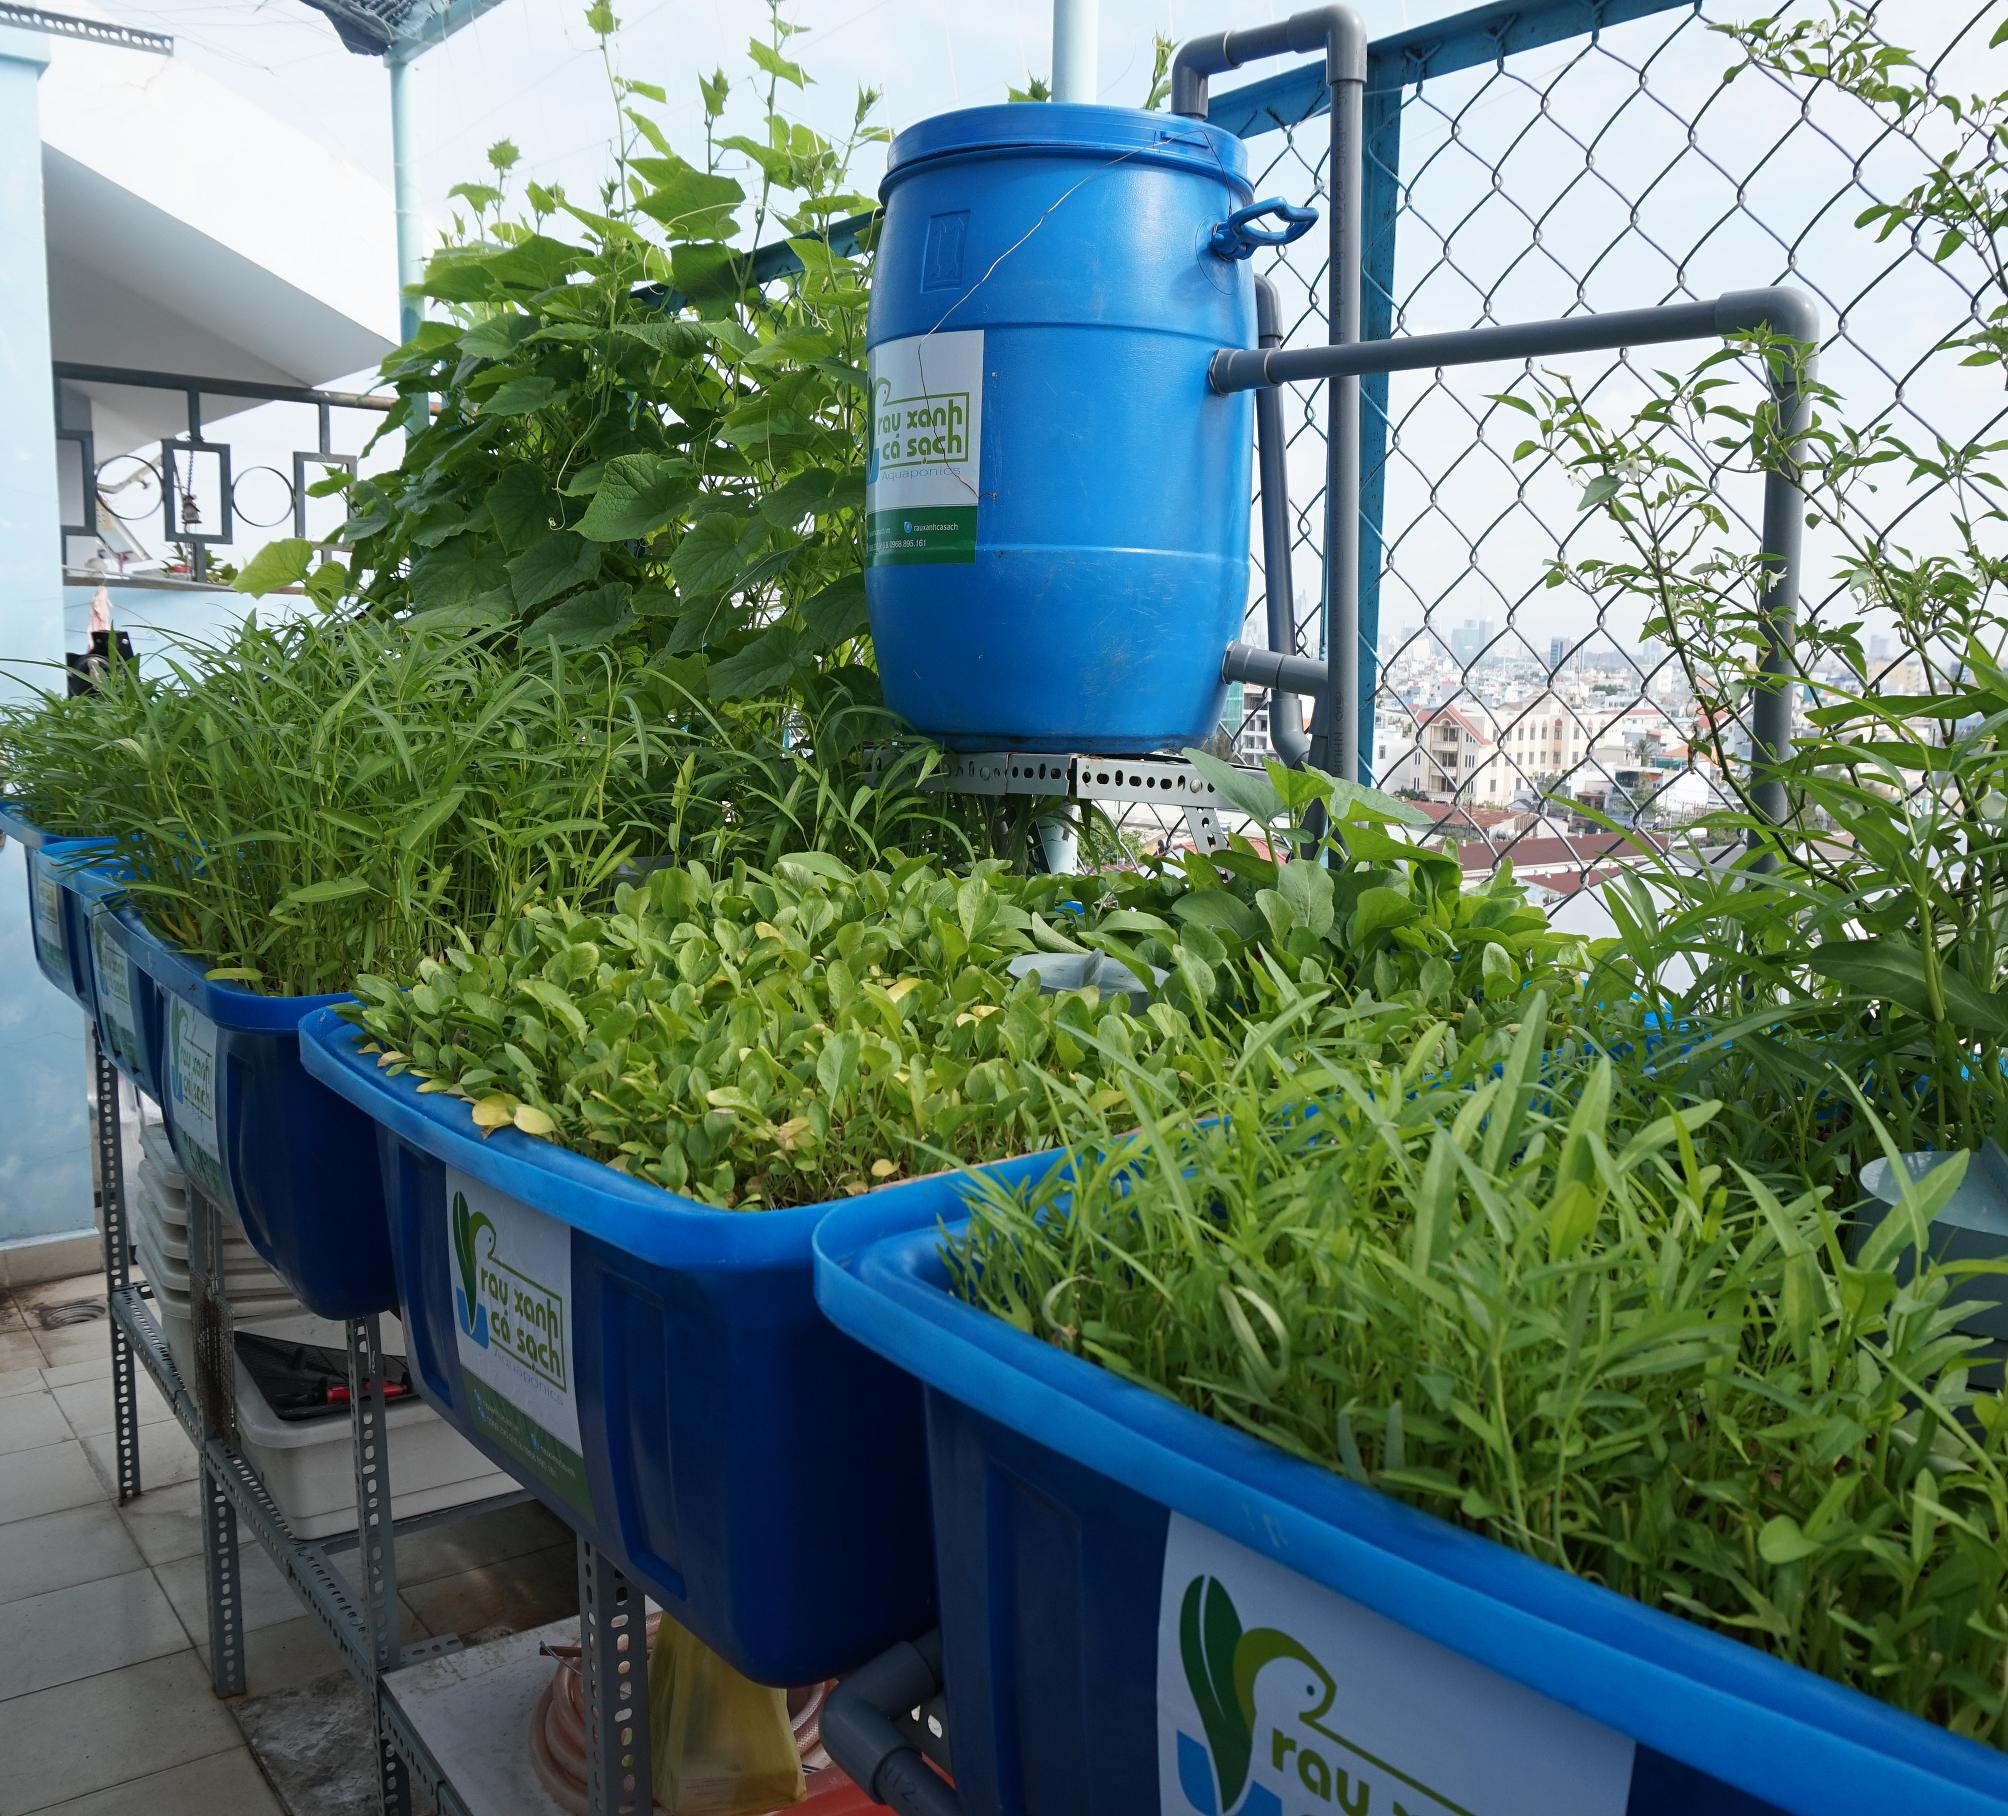 Giàn trồng rau sạch ban công